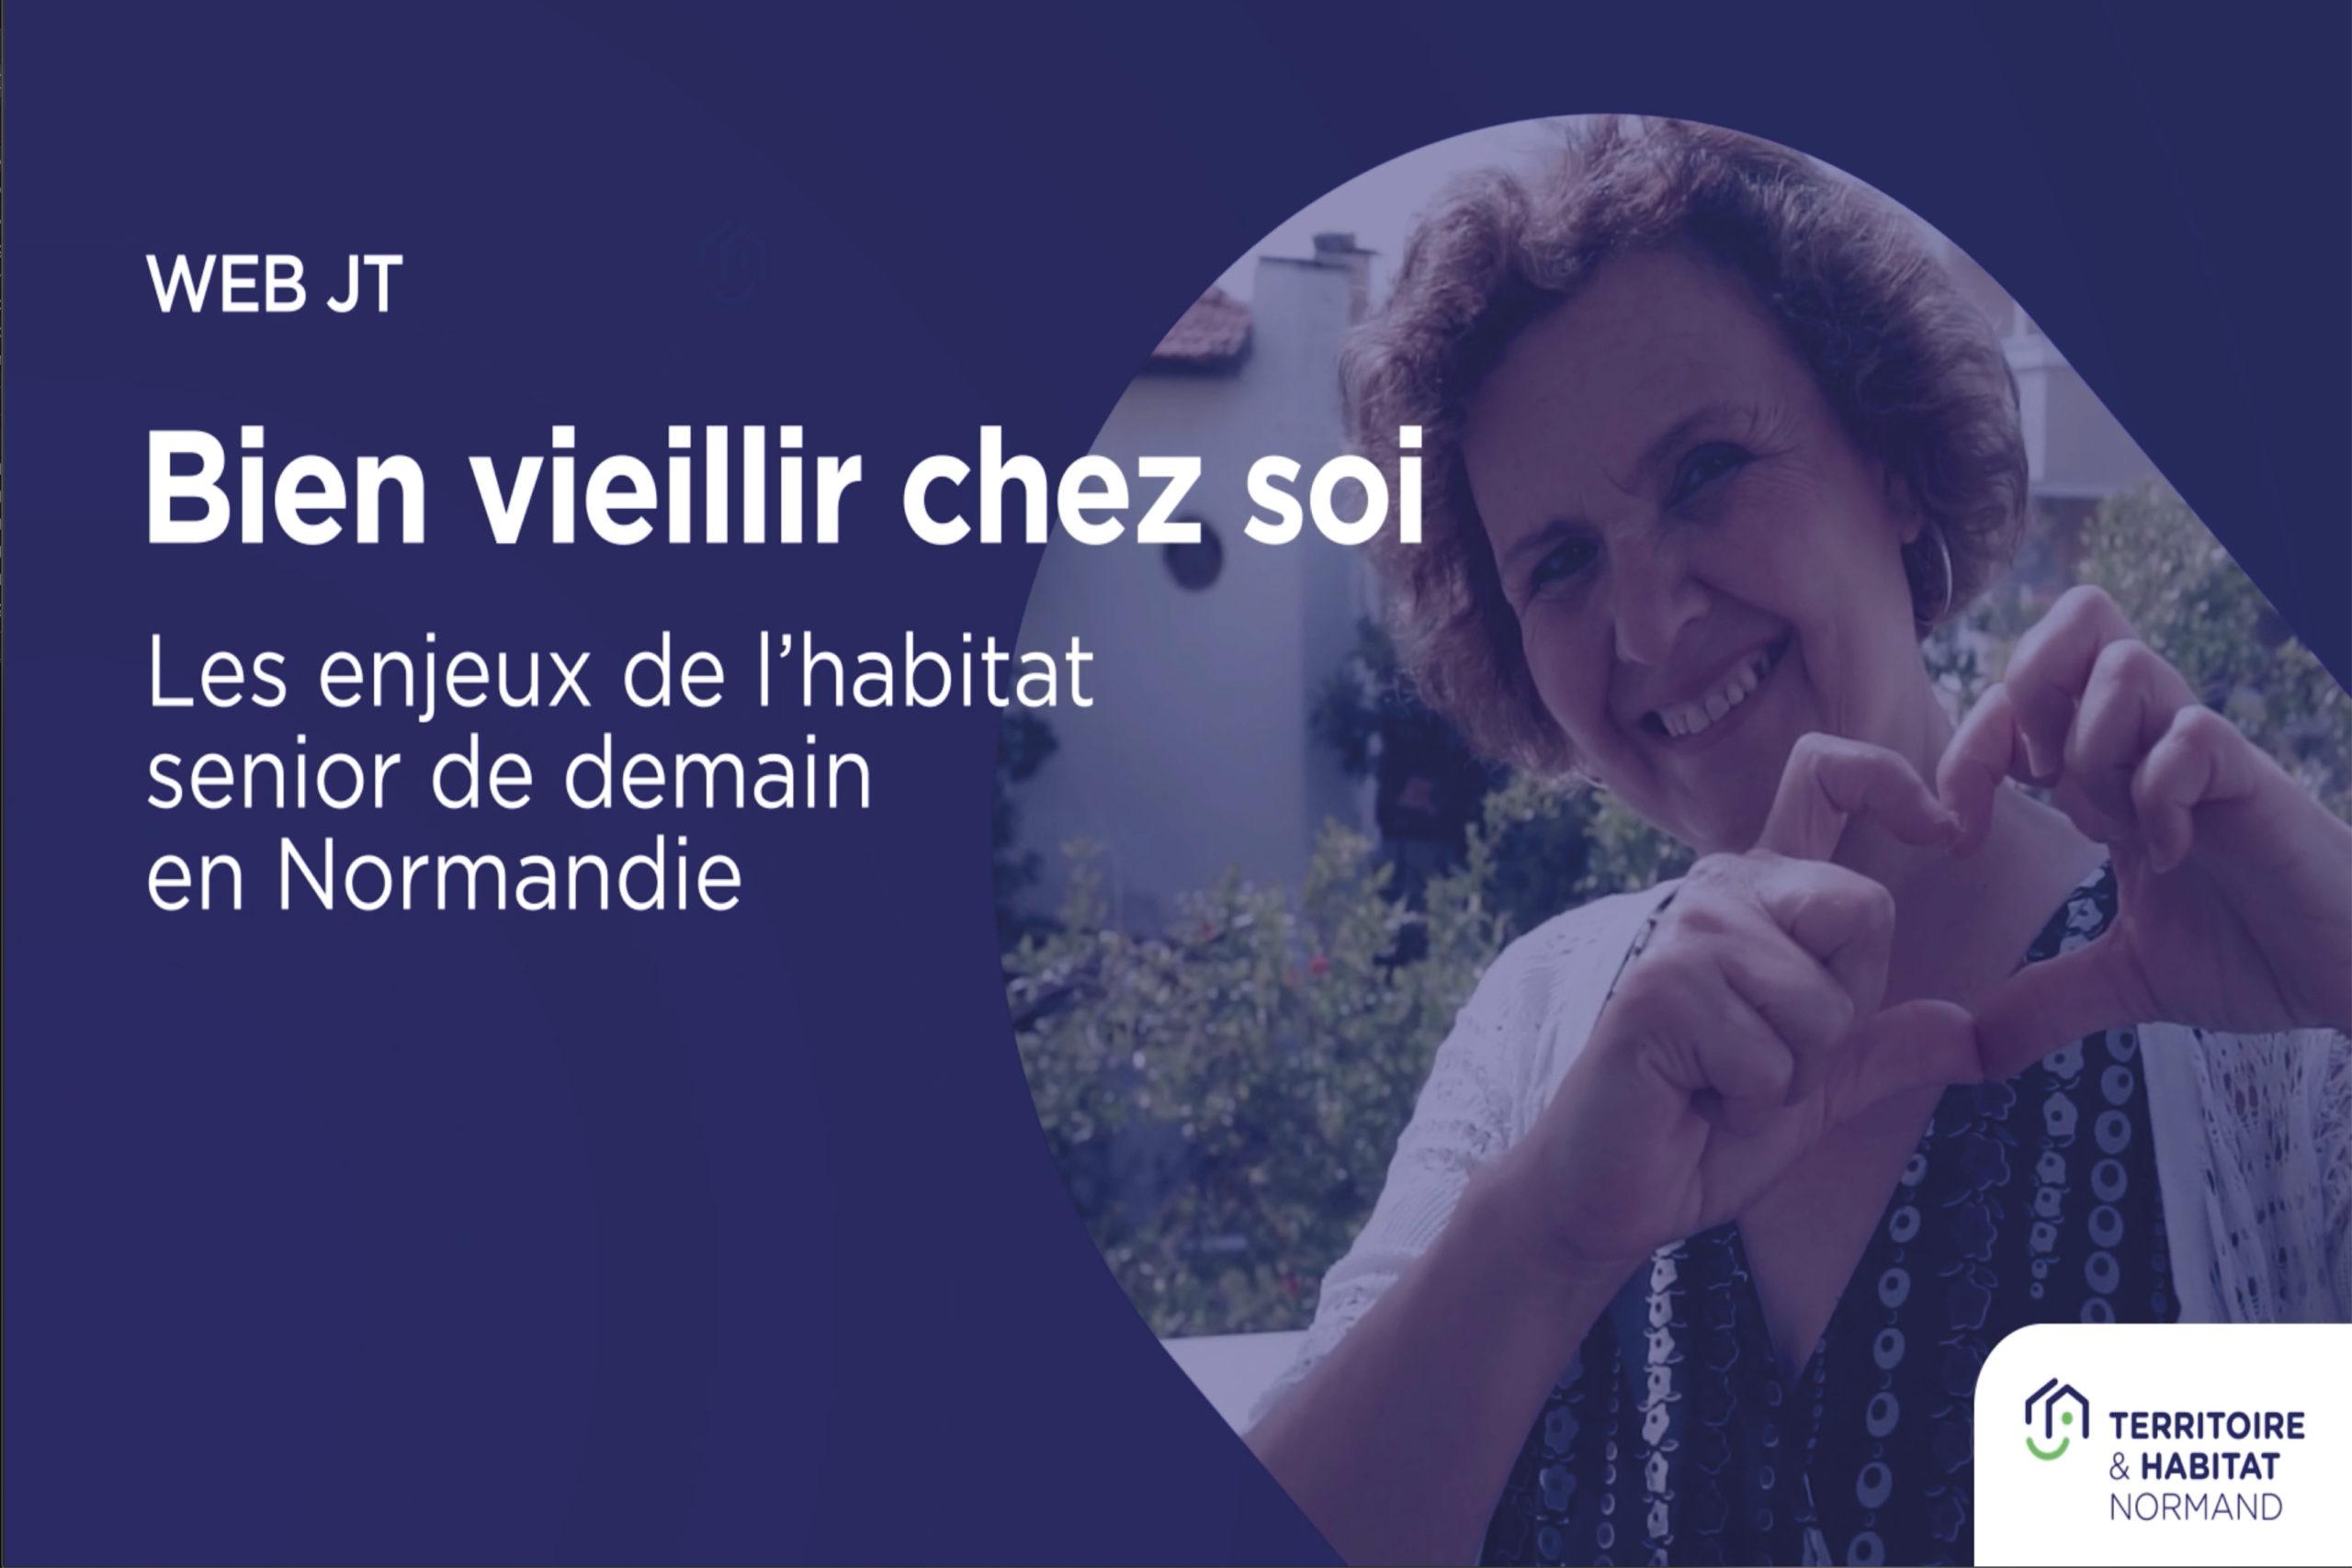 WebJT « Bien vieillir chez soi, les enjeux de l'habitat senior de demain »